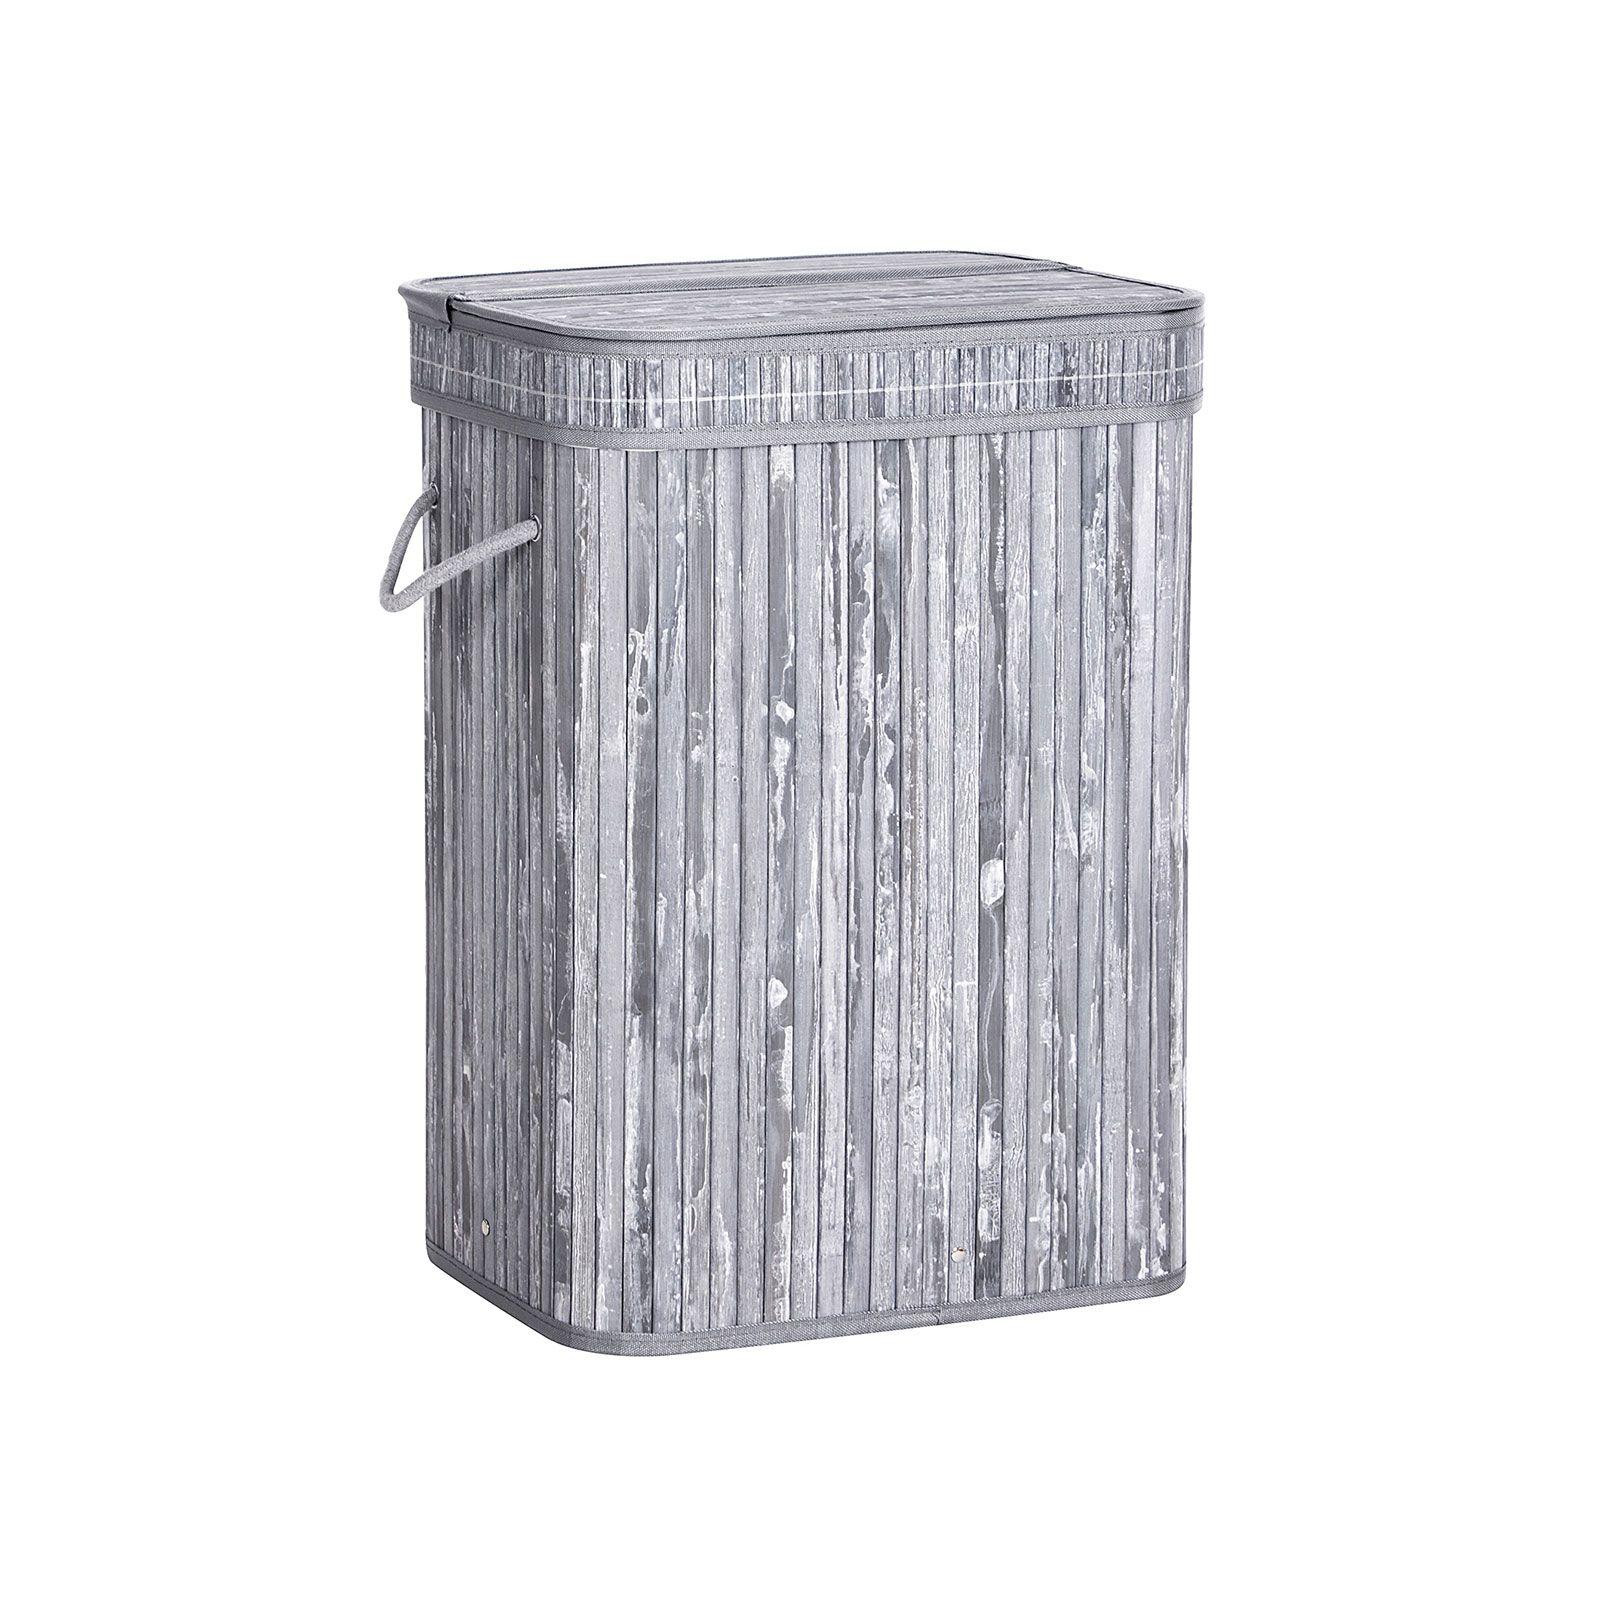 Bamboo Gray Laundry Hamper